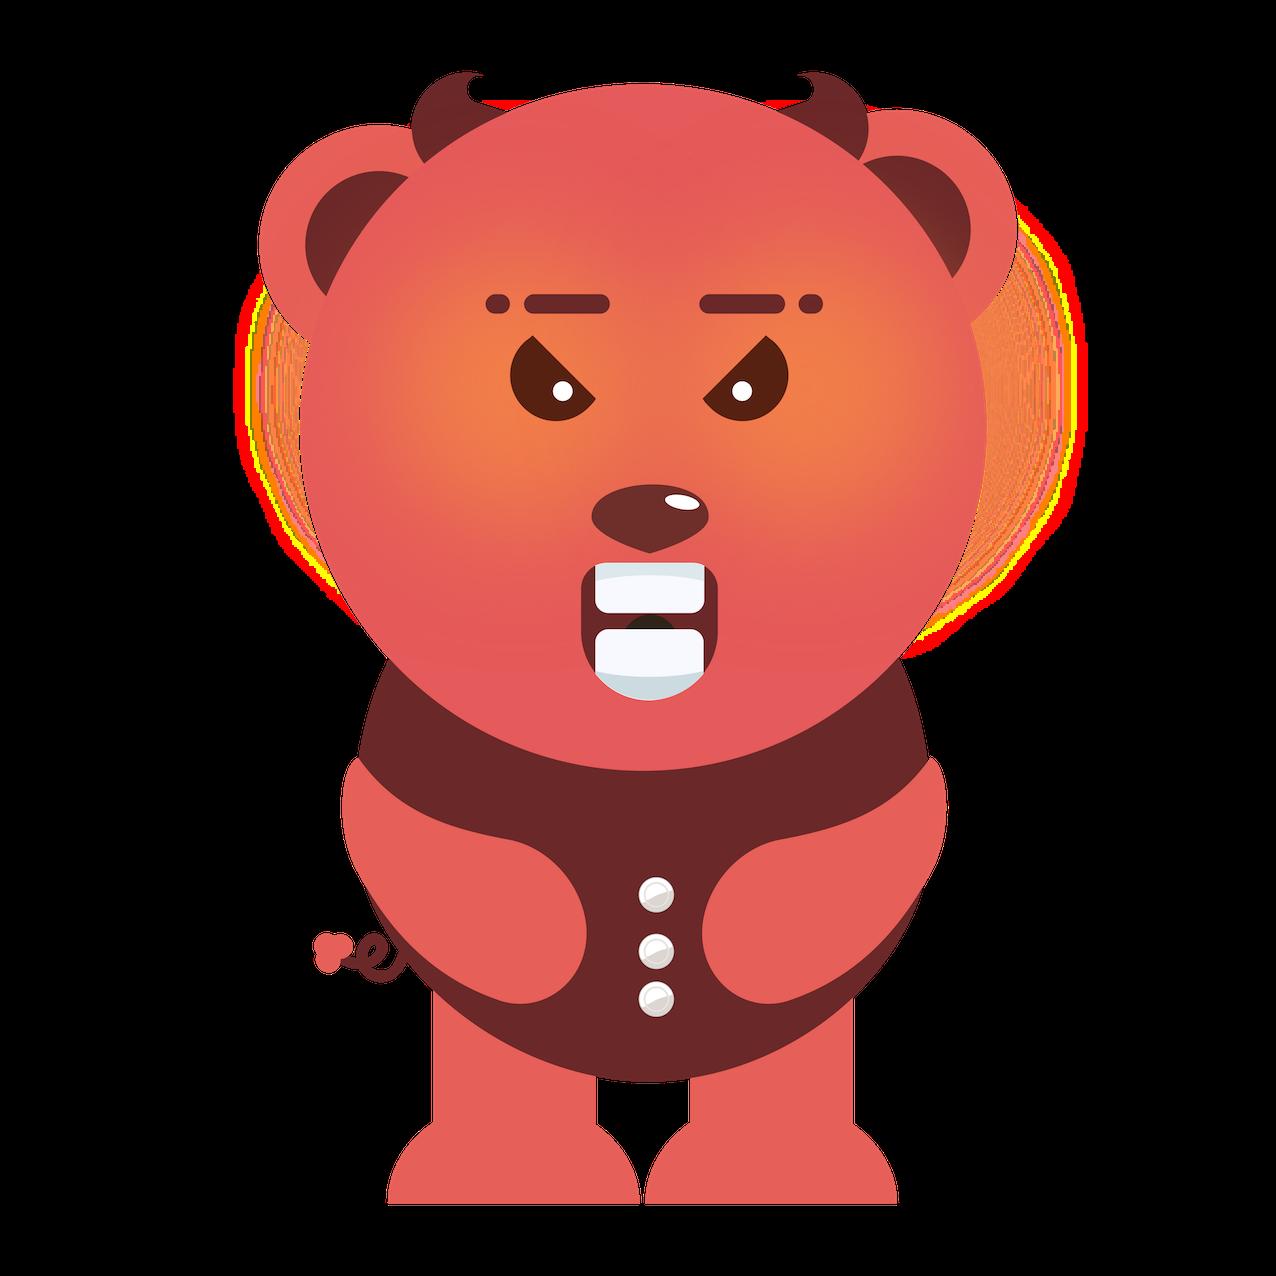 Tomato Soni messages sticker-10